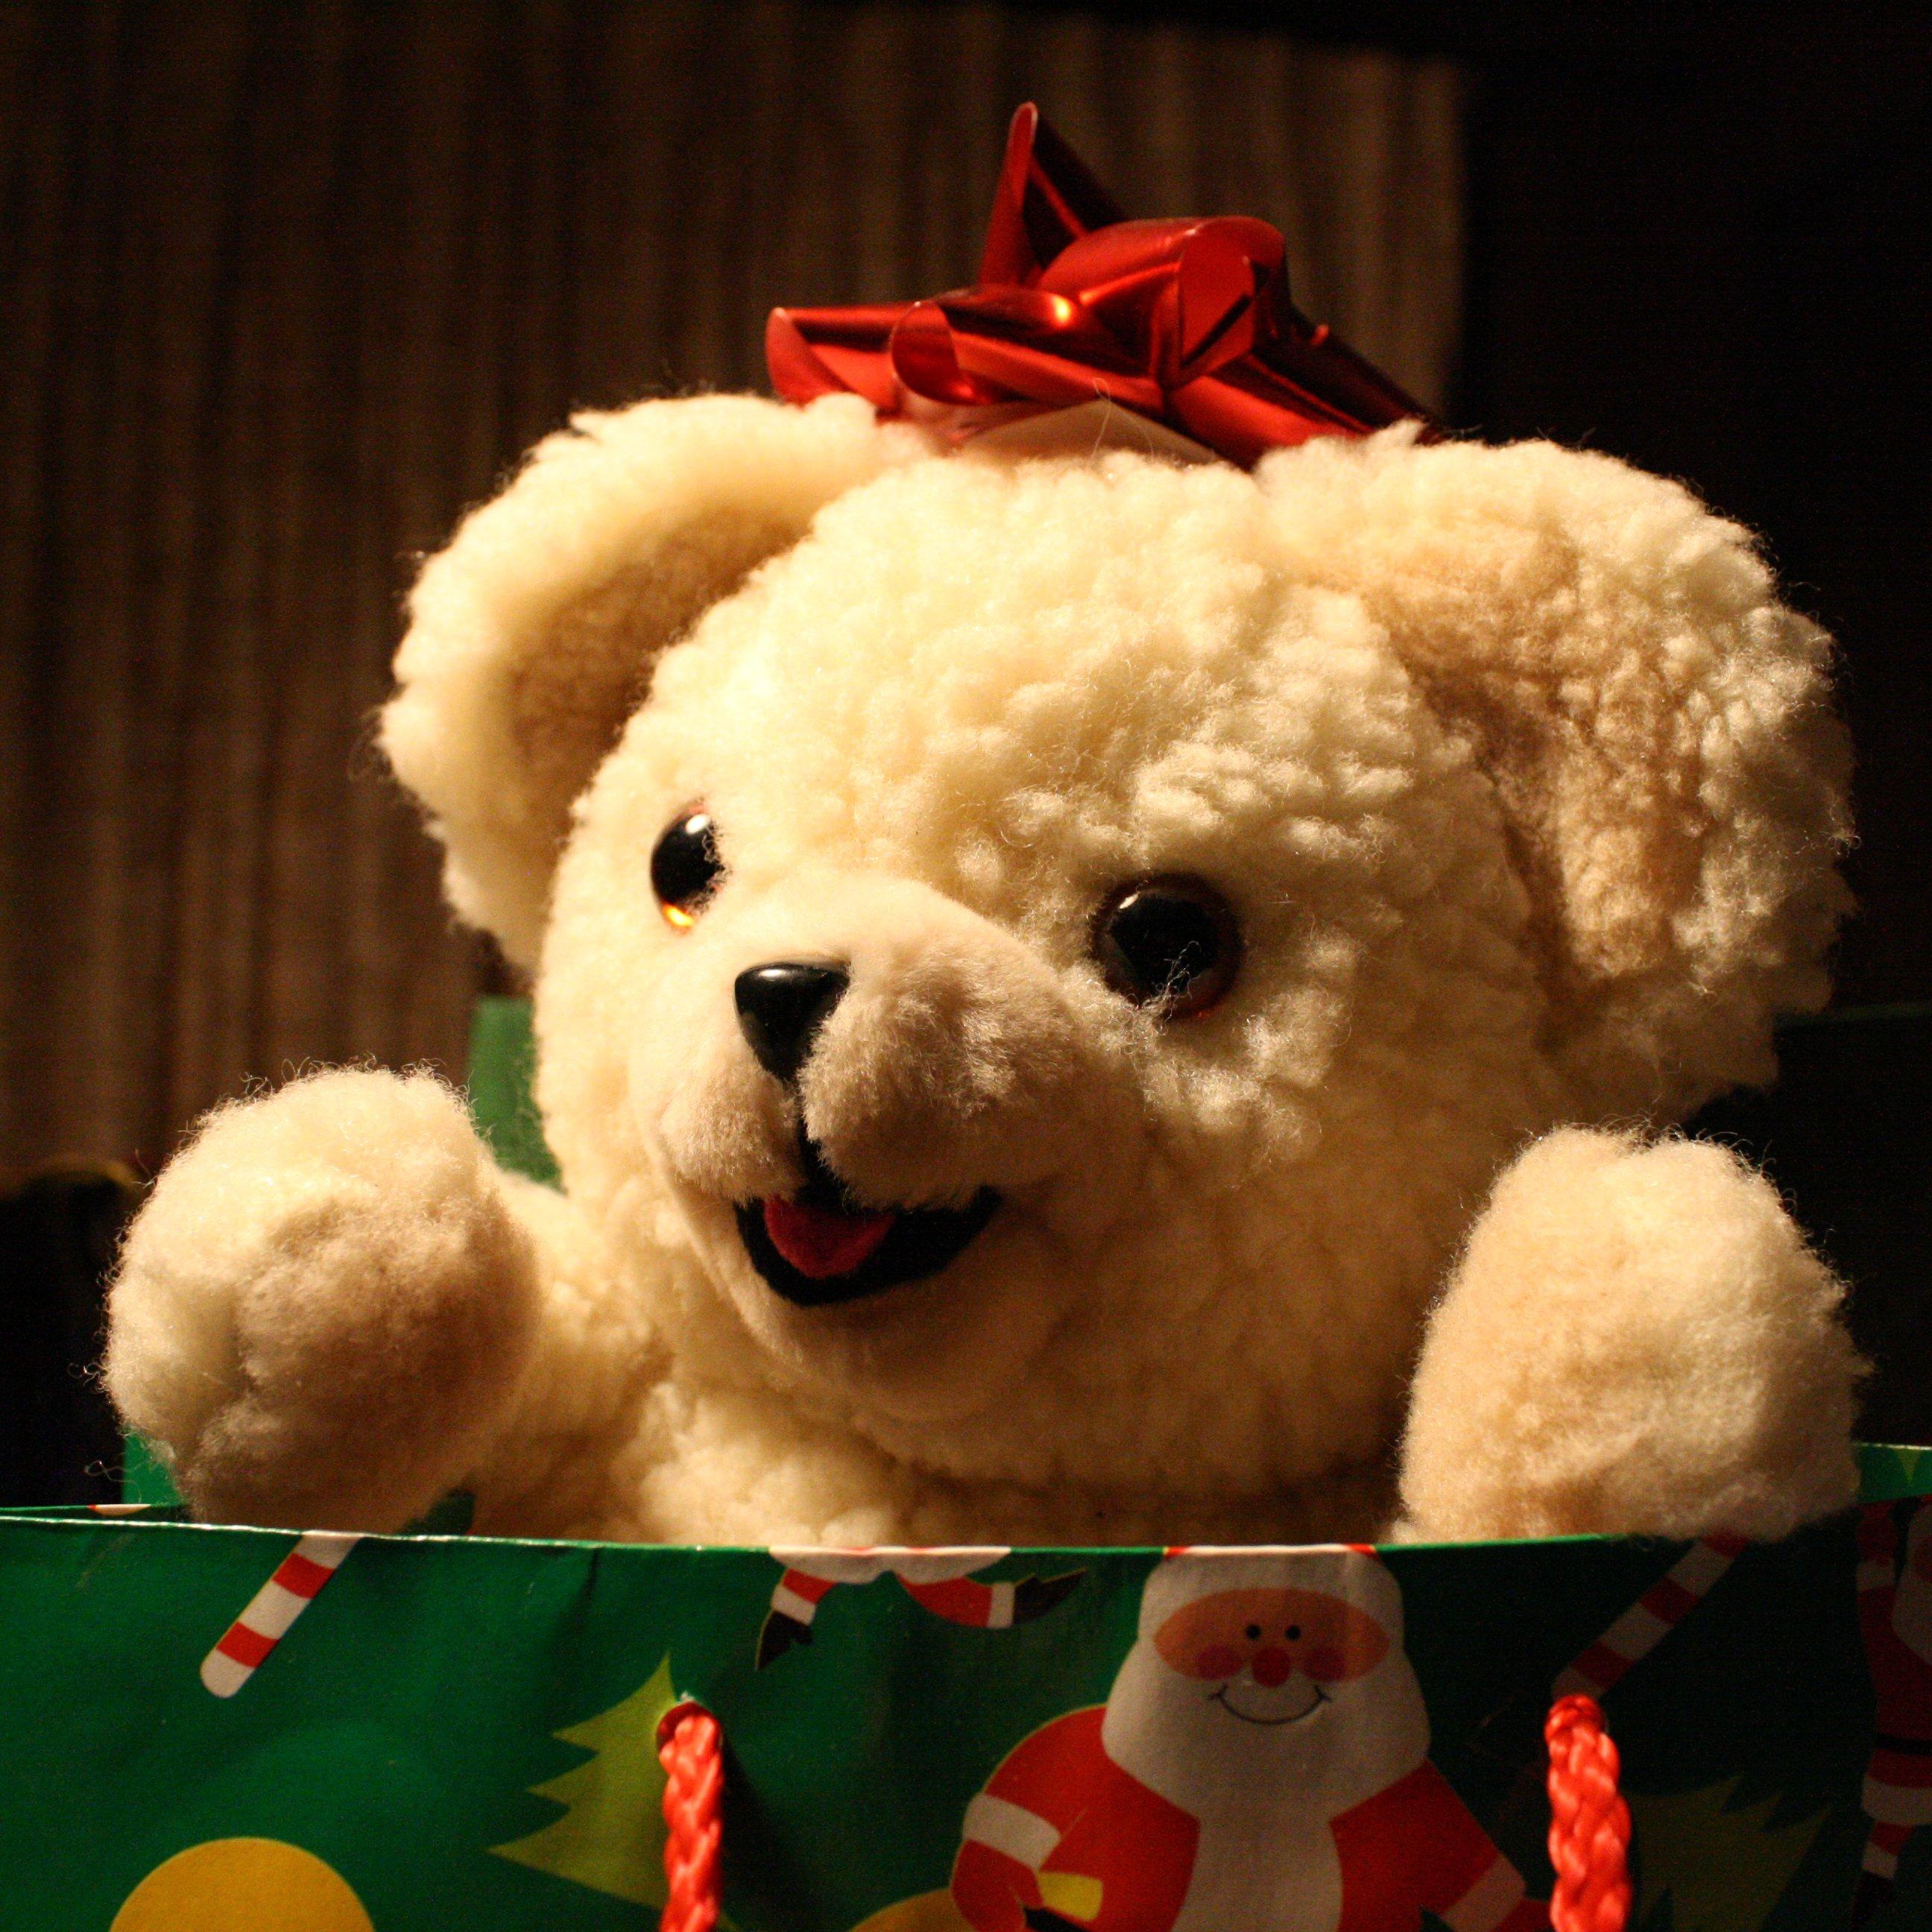 Christmas teddy bear. Photo courtesy photos-public-domain.com